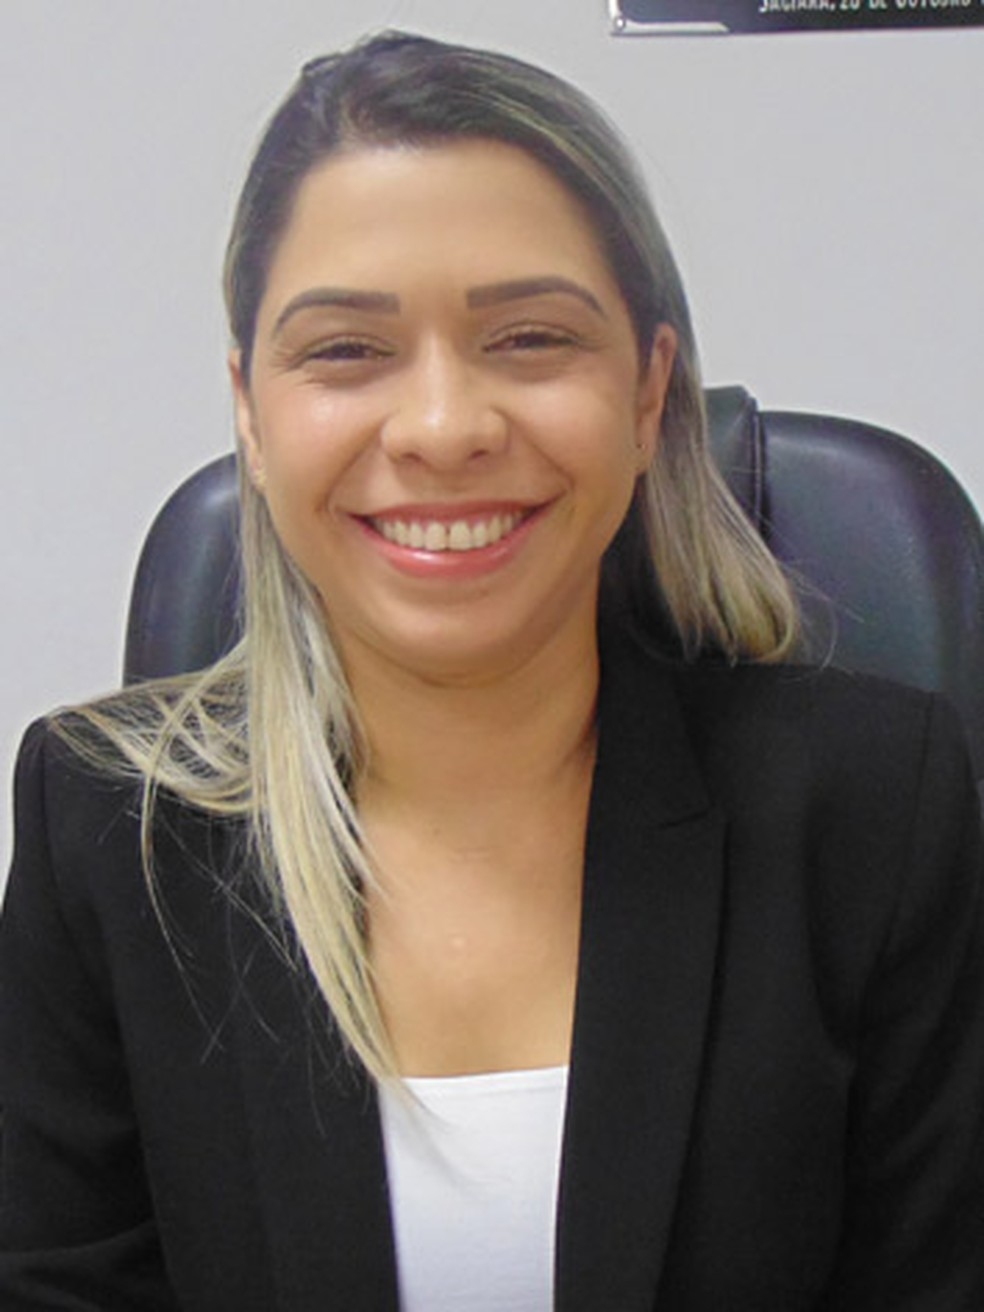 A vereadora Edilaine Martins (PSB) foi secretária-adjunta de saúde do ex-prefeito e votou contra as contas dele (Foto: Câmara de Jaciara/Divulgação)